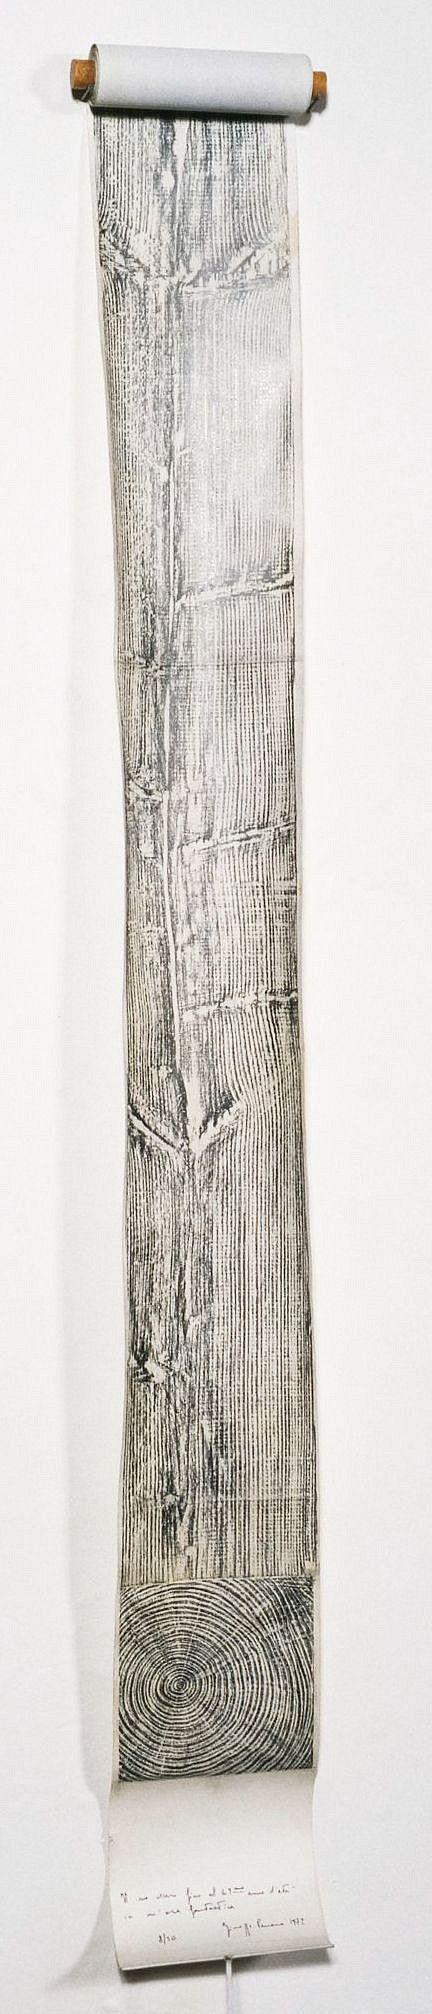 Giuseppe Penone, Albero - Il suo essere fino al 49mo anno d'età in un'ora fantastica (Tree: Capturing his being of 49 years of life in a fantastic moment) 1972